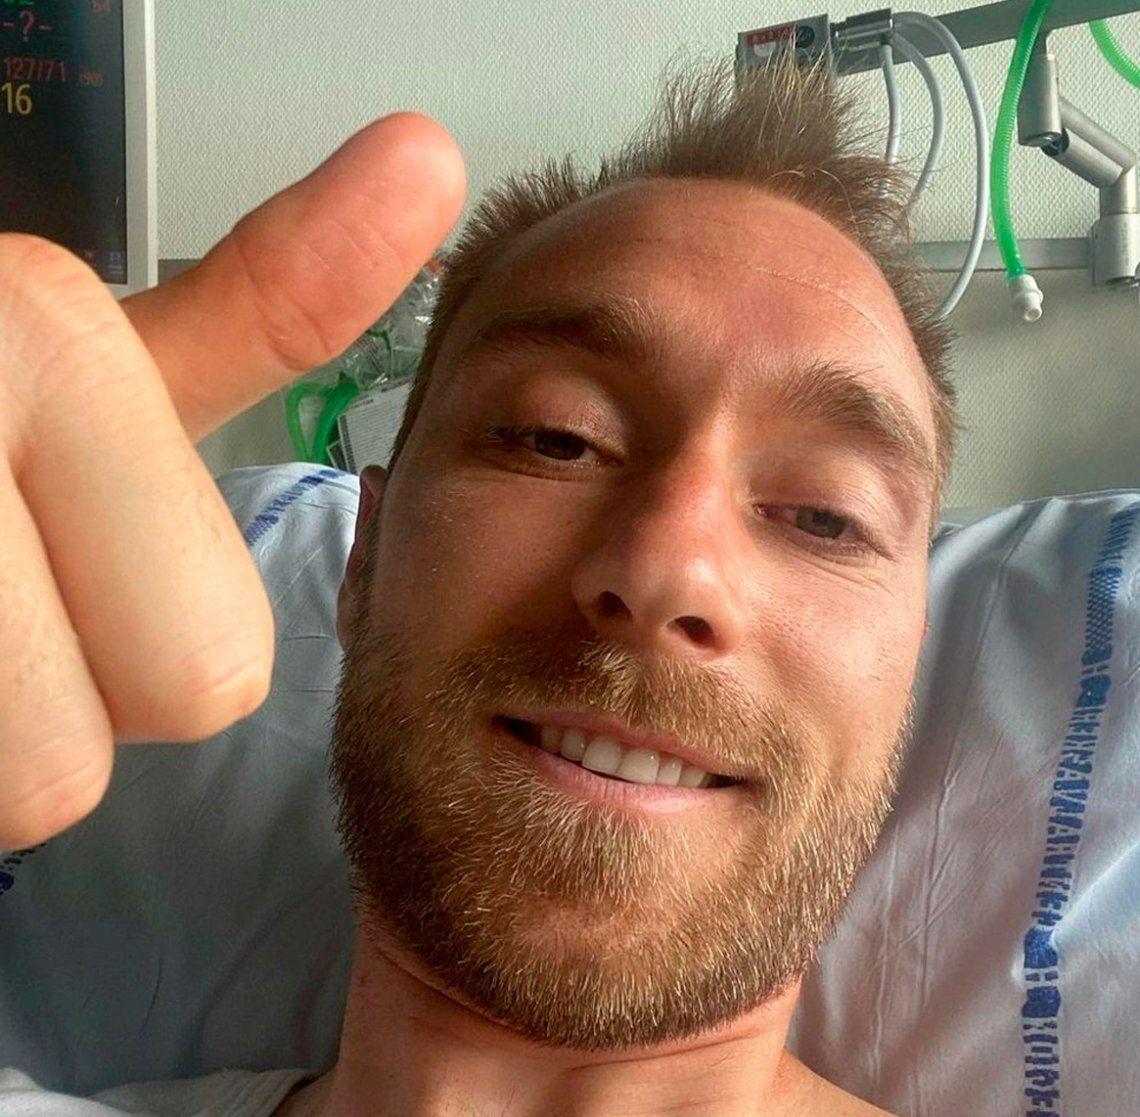 El danés Eriksen recibió el alta tras una exitosa operación